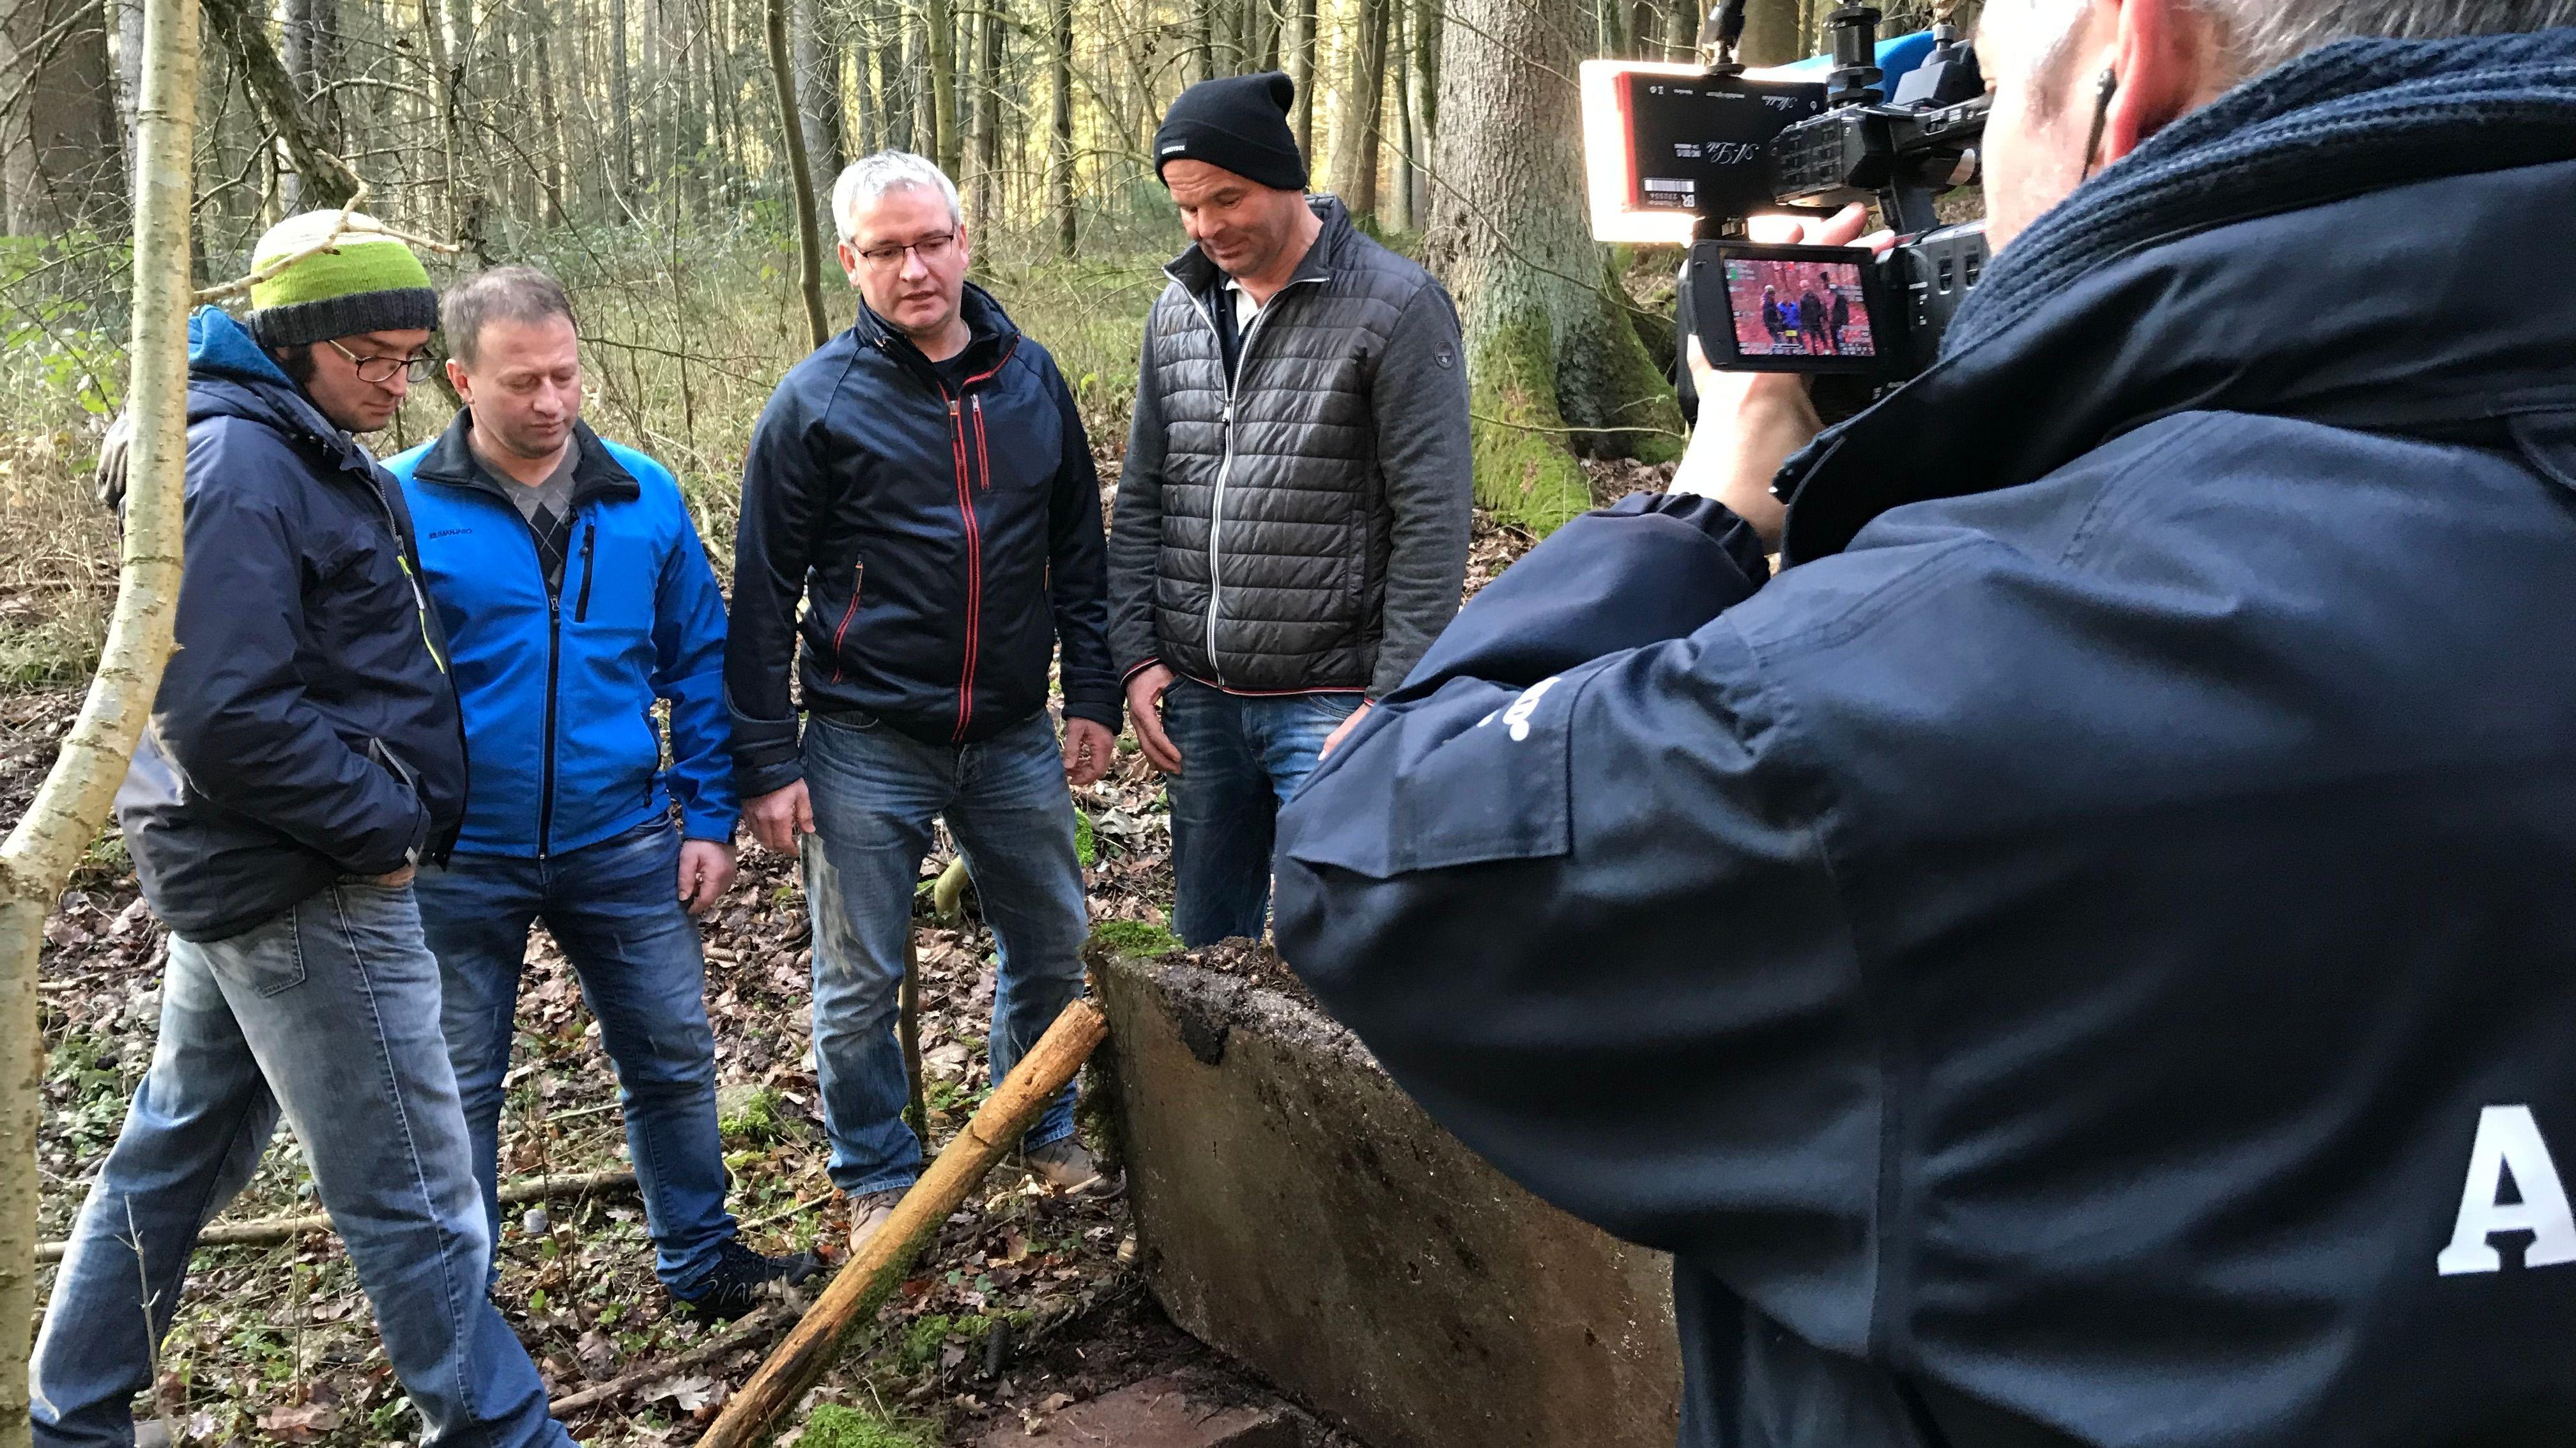 Landwirte begutachten eine Messstelle im Wald.